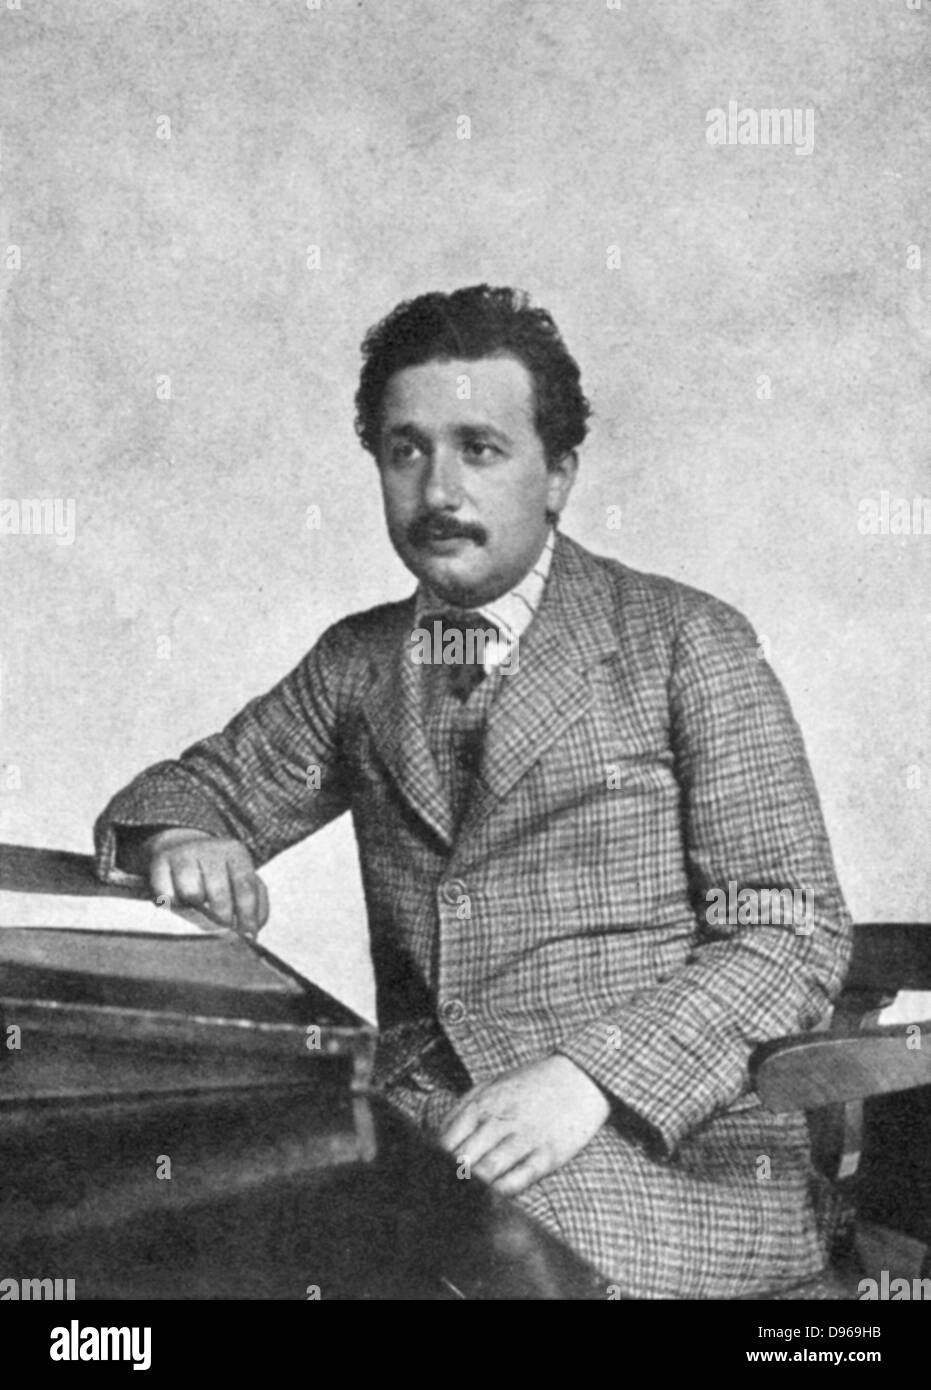 Albert Einstein (1879-1955) deutsch-schweizerischer Mathematiker im Jahre 1905 Stockbild